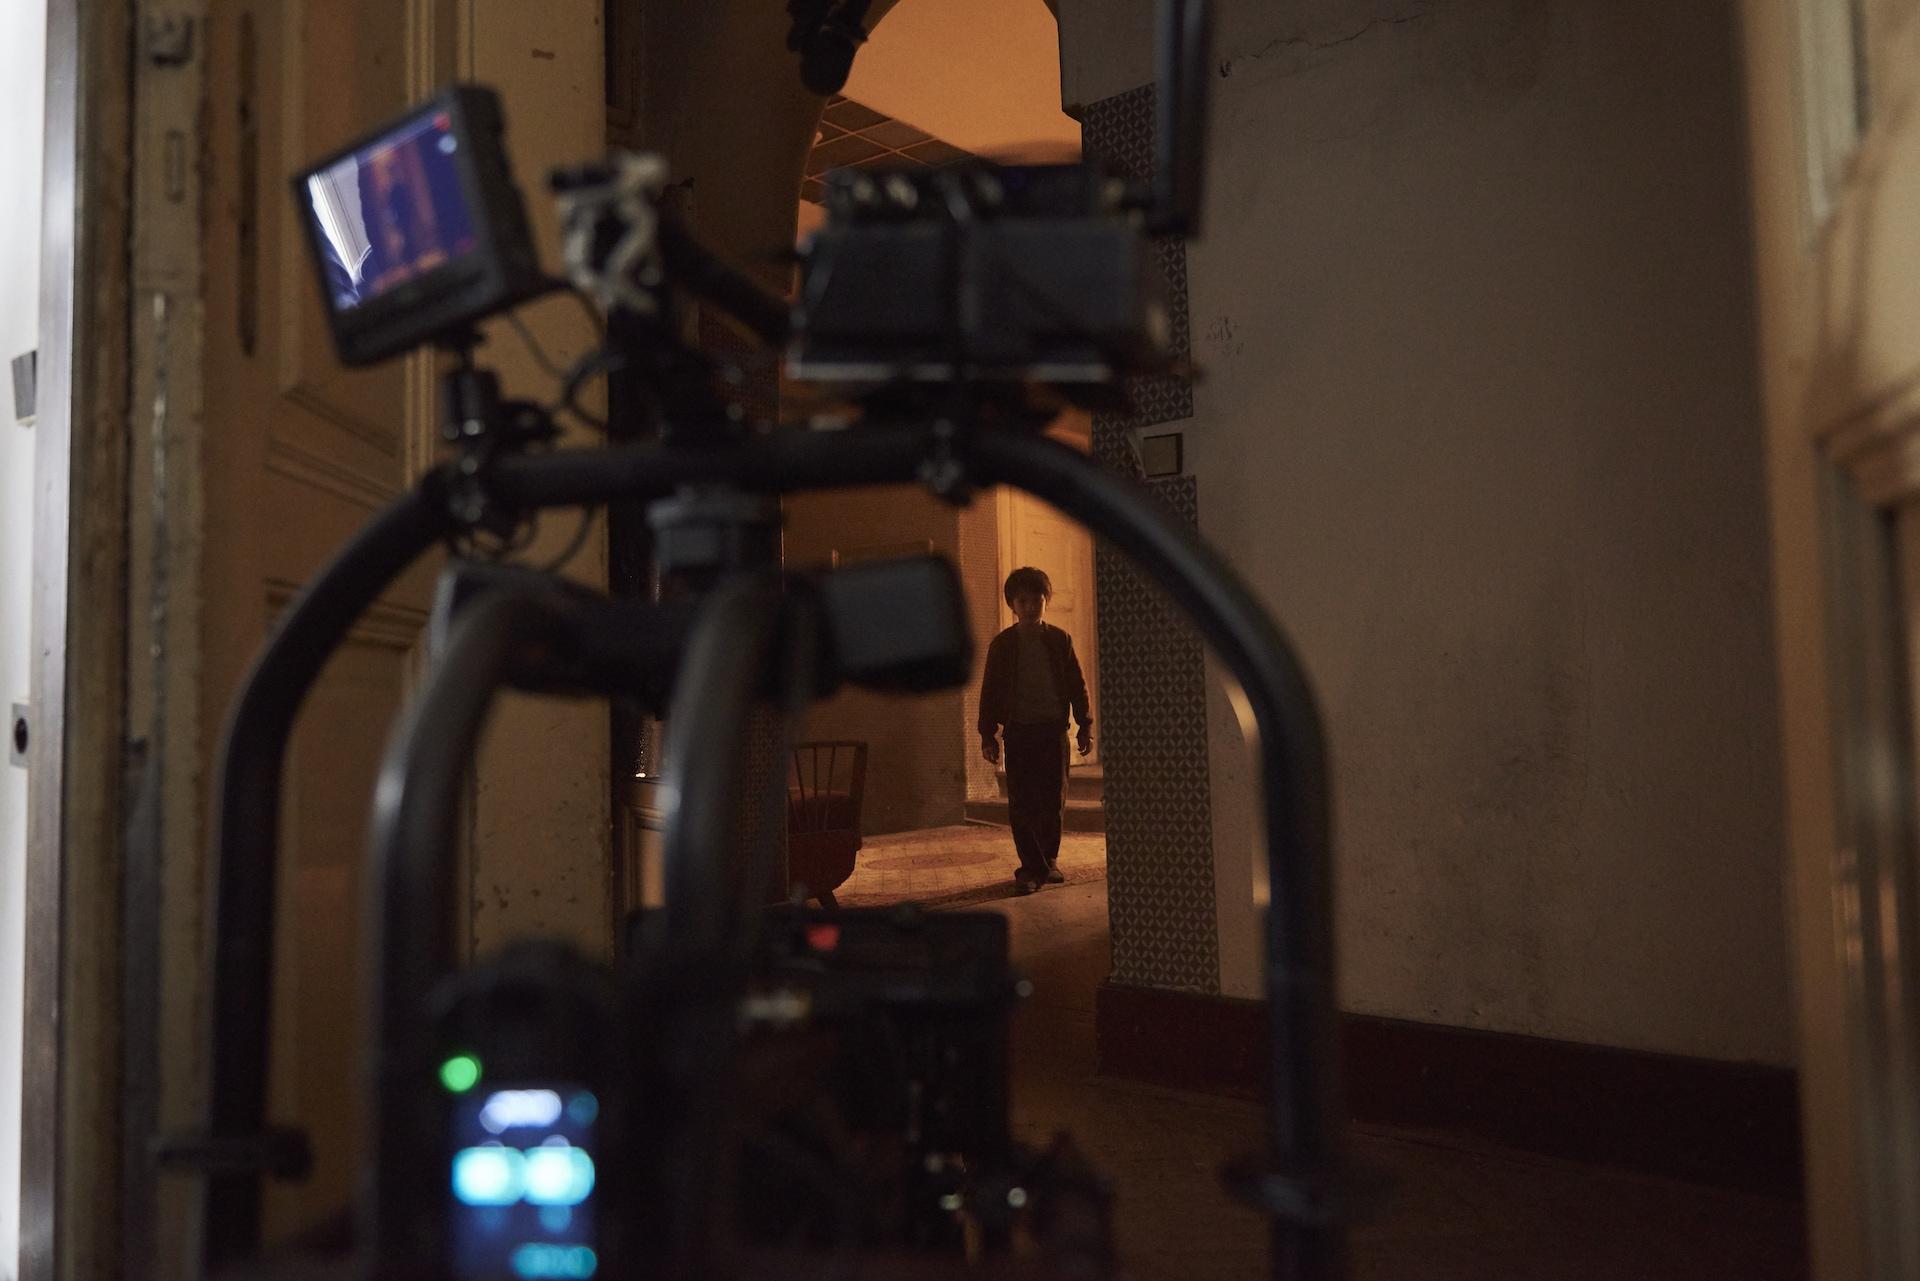 Natáčení seriálu Haunted pro Netflix probíhalo v České republice